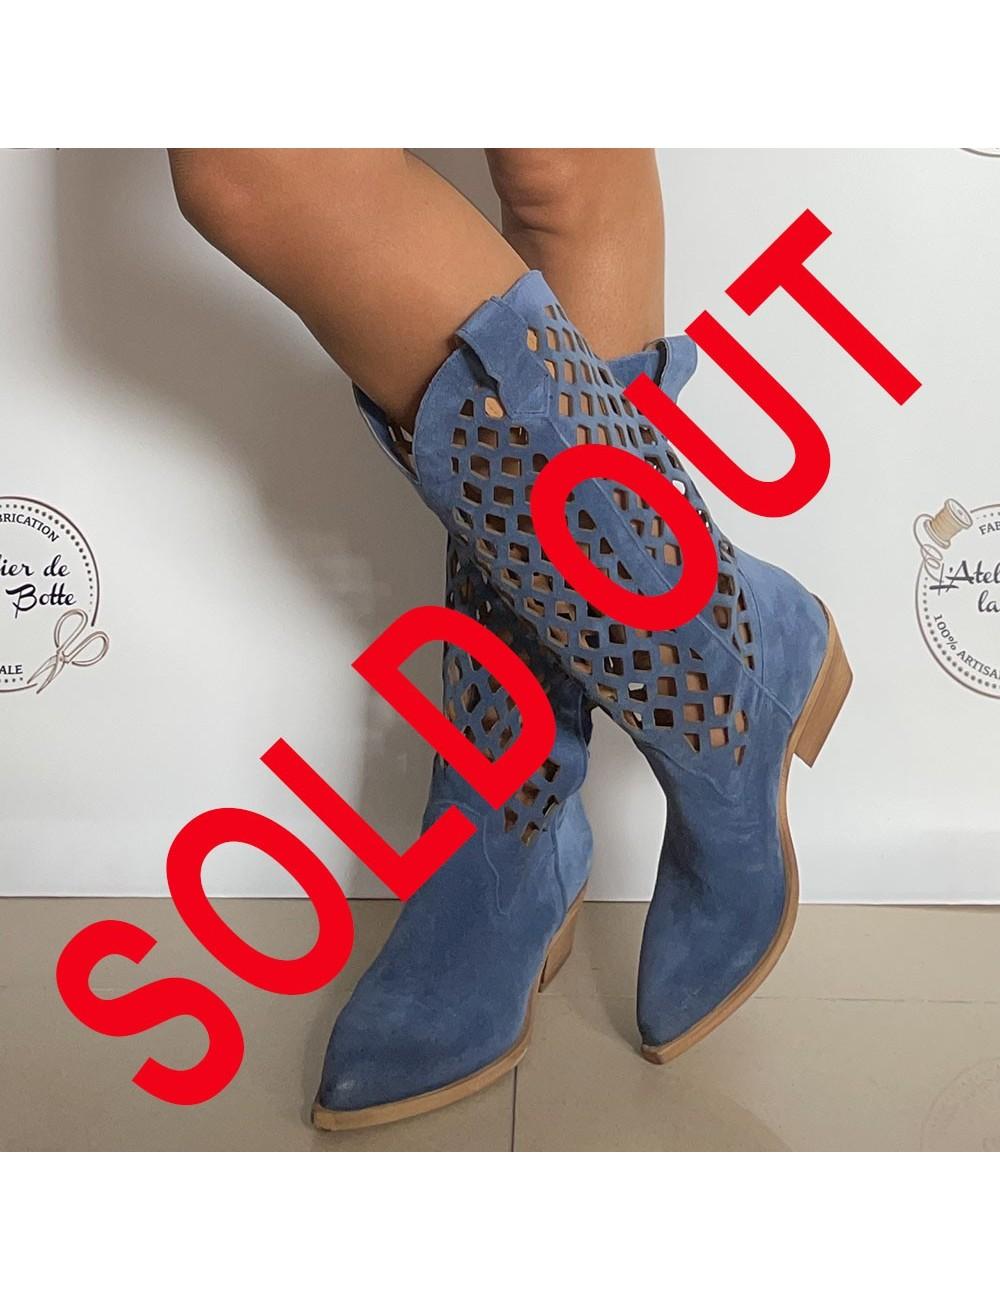 Bottes cowboy bleu jeans en daim - Accessoires pour chaussures